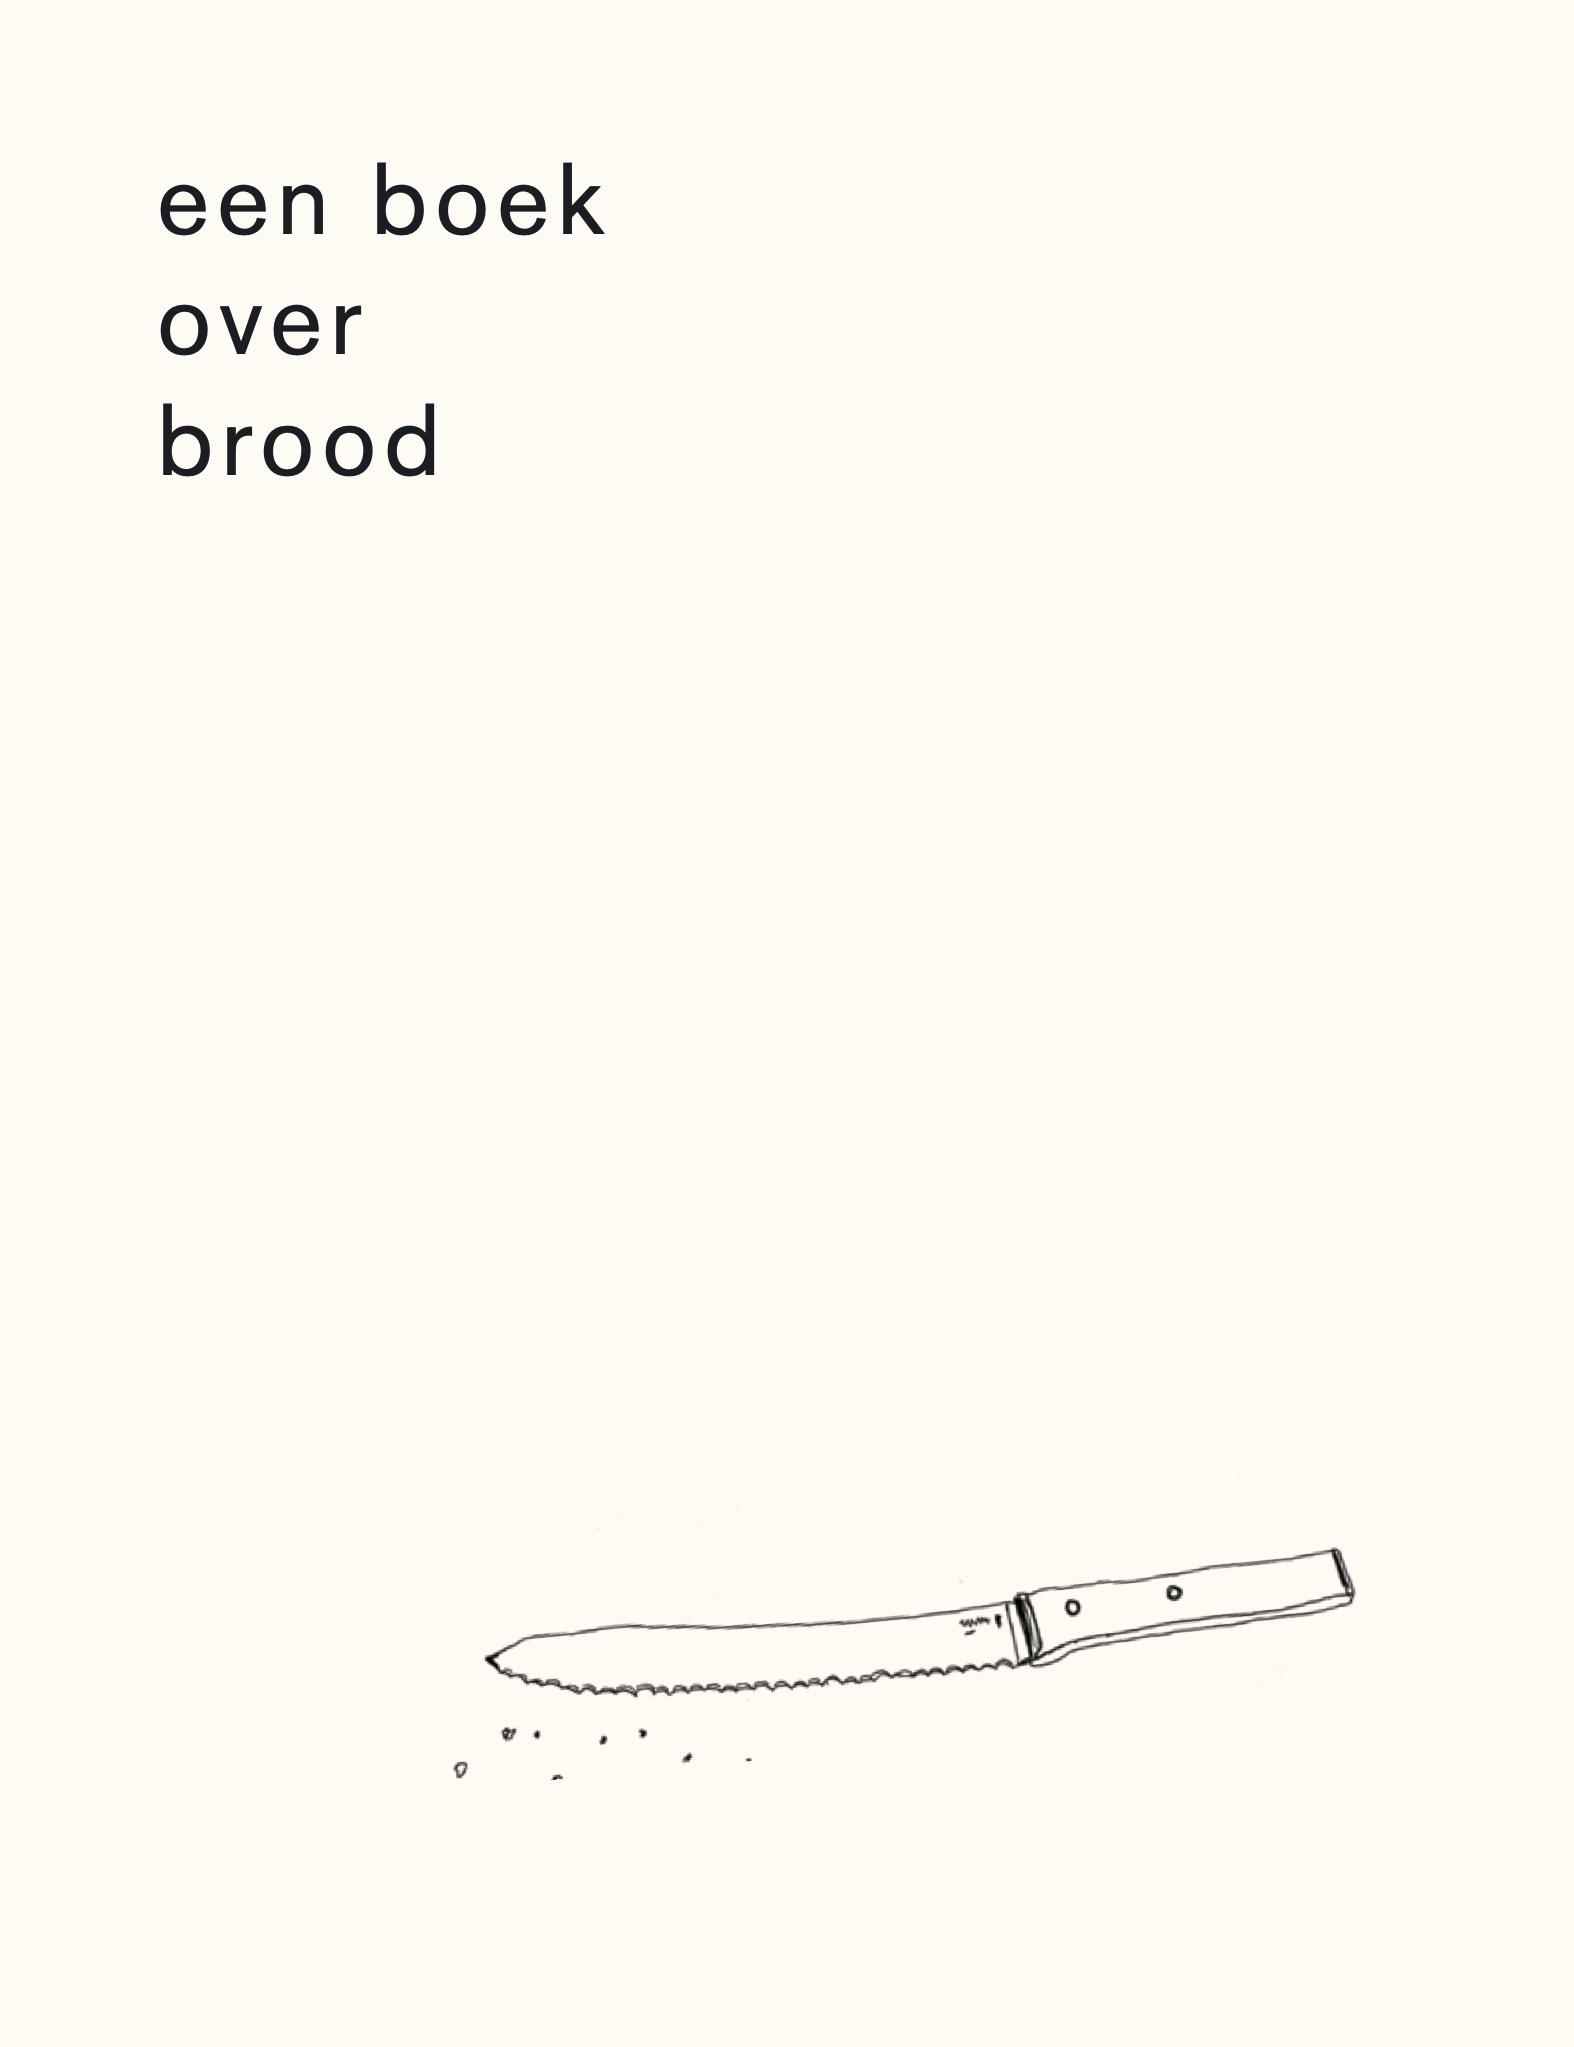 Een boek over brood - boekenflits